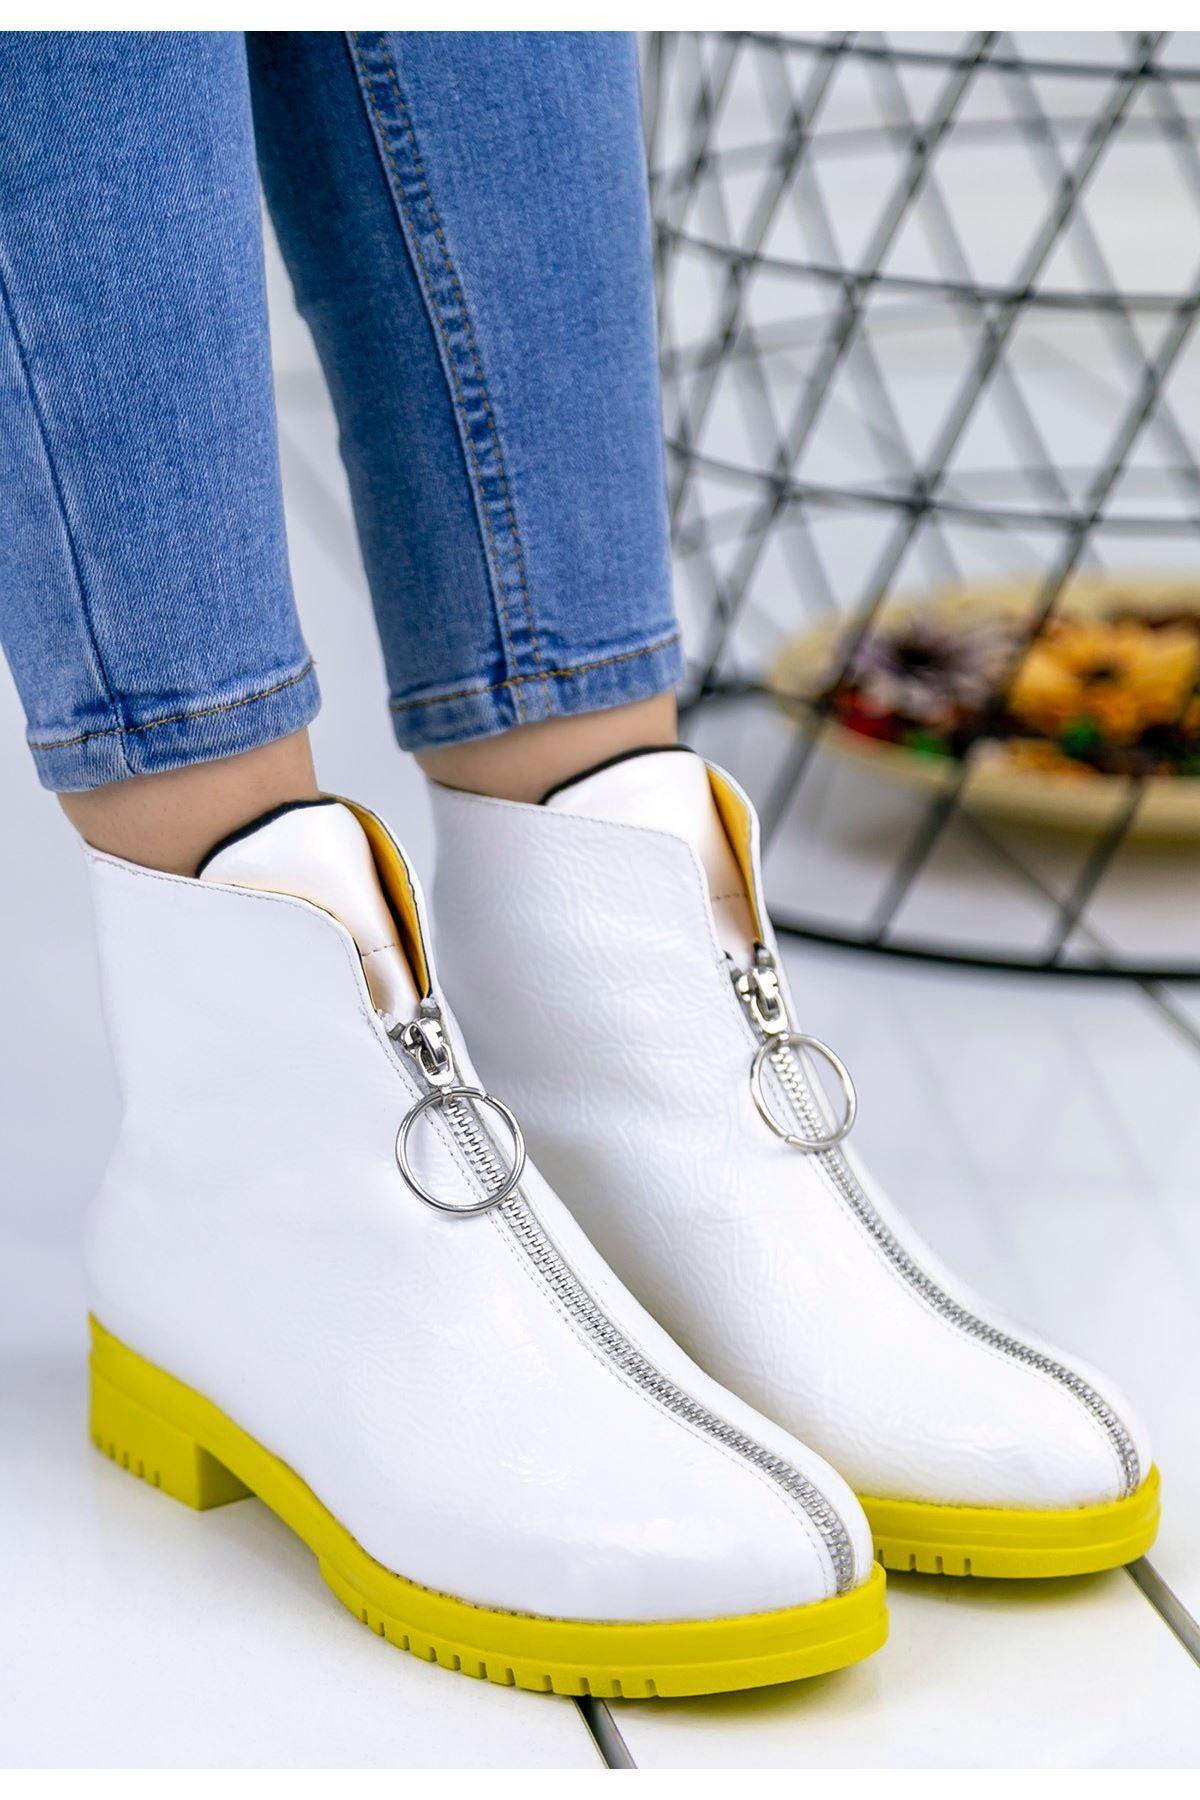 Lili Beyaz Cilt Sarı Tabanlı Bot